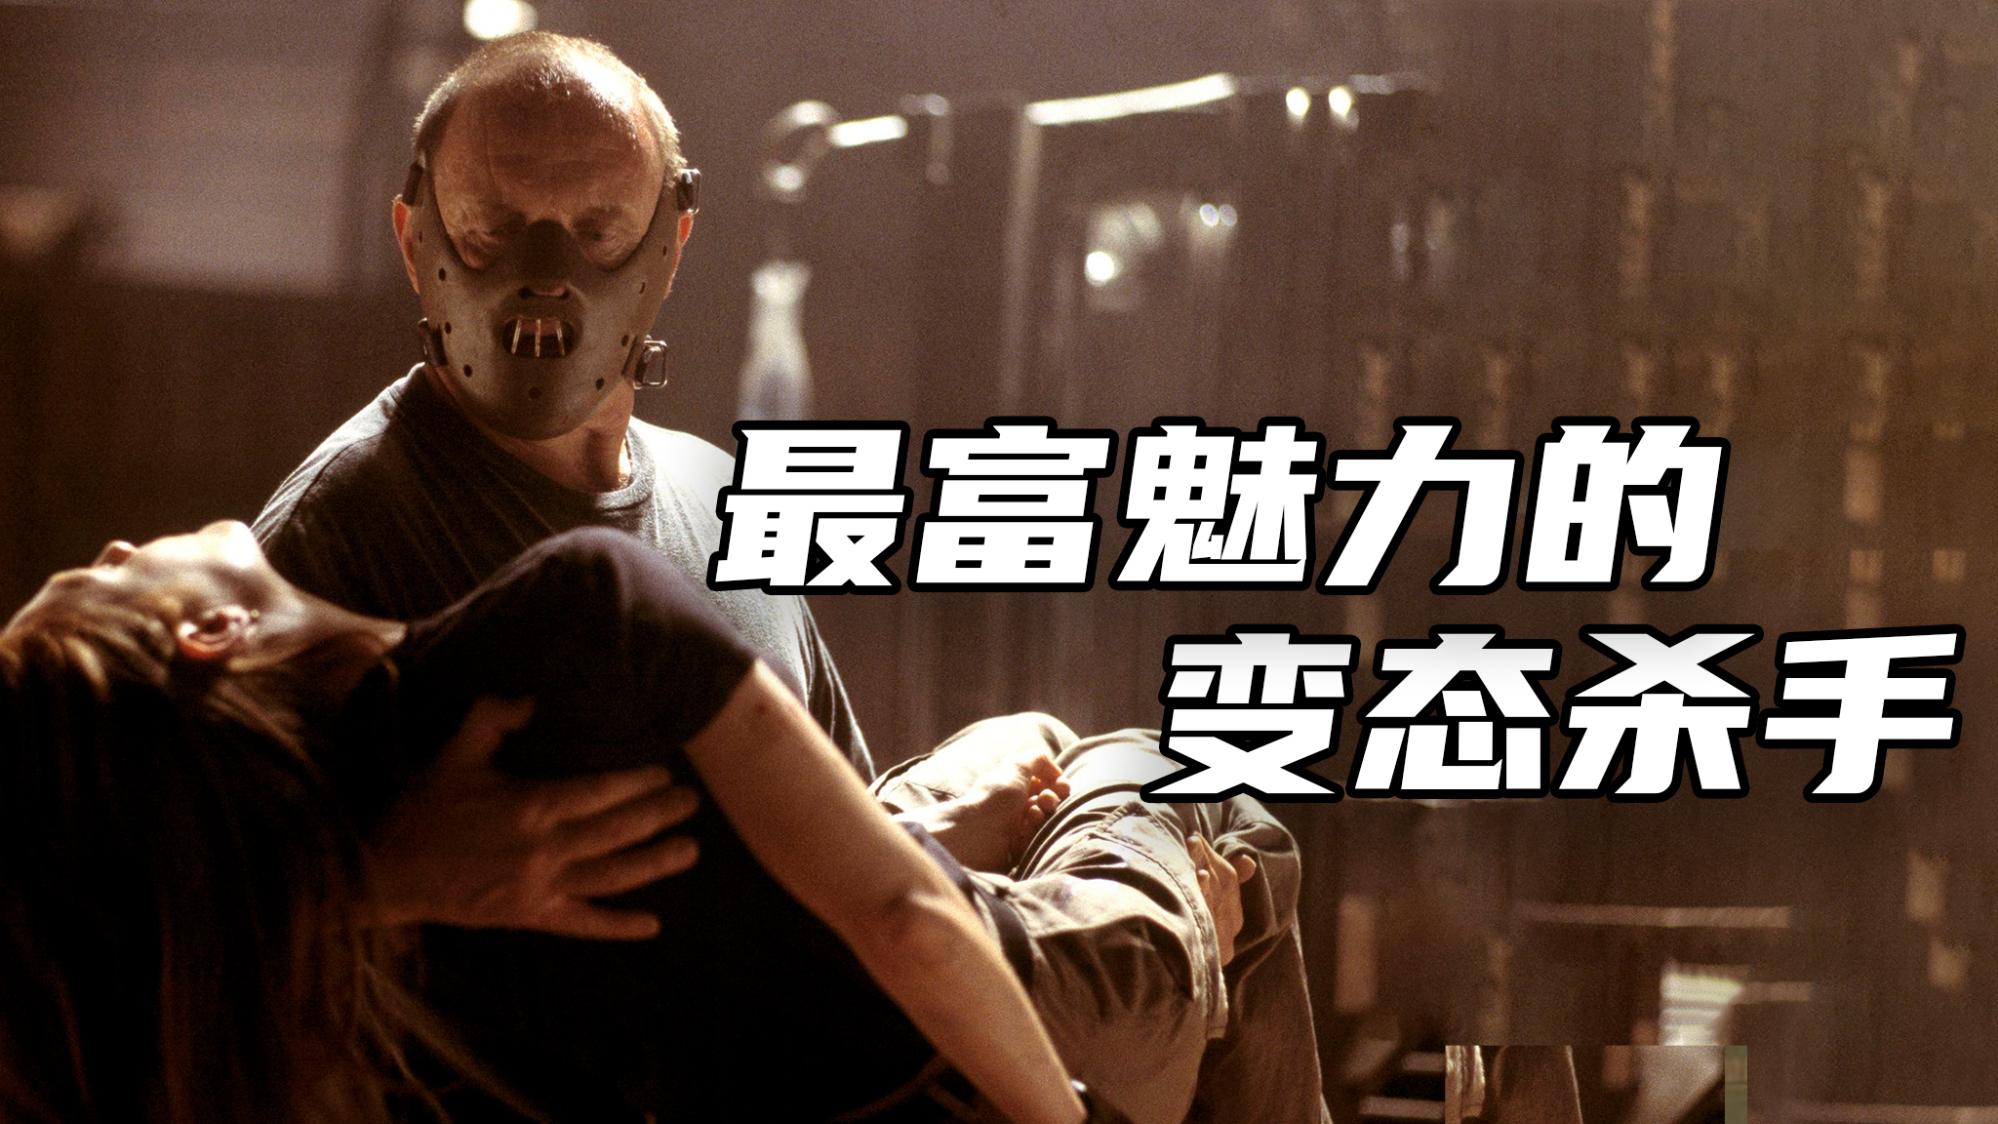 【阿斗】最富魅力的变态杀手,时隔十年的正统续作《沉默的羔羊2汉尼拔》看完让人毛骨悚然